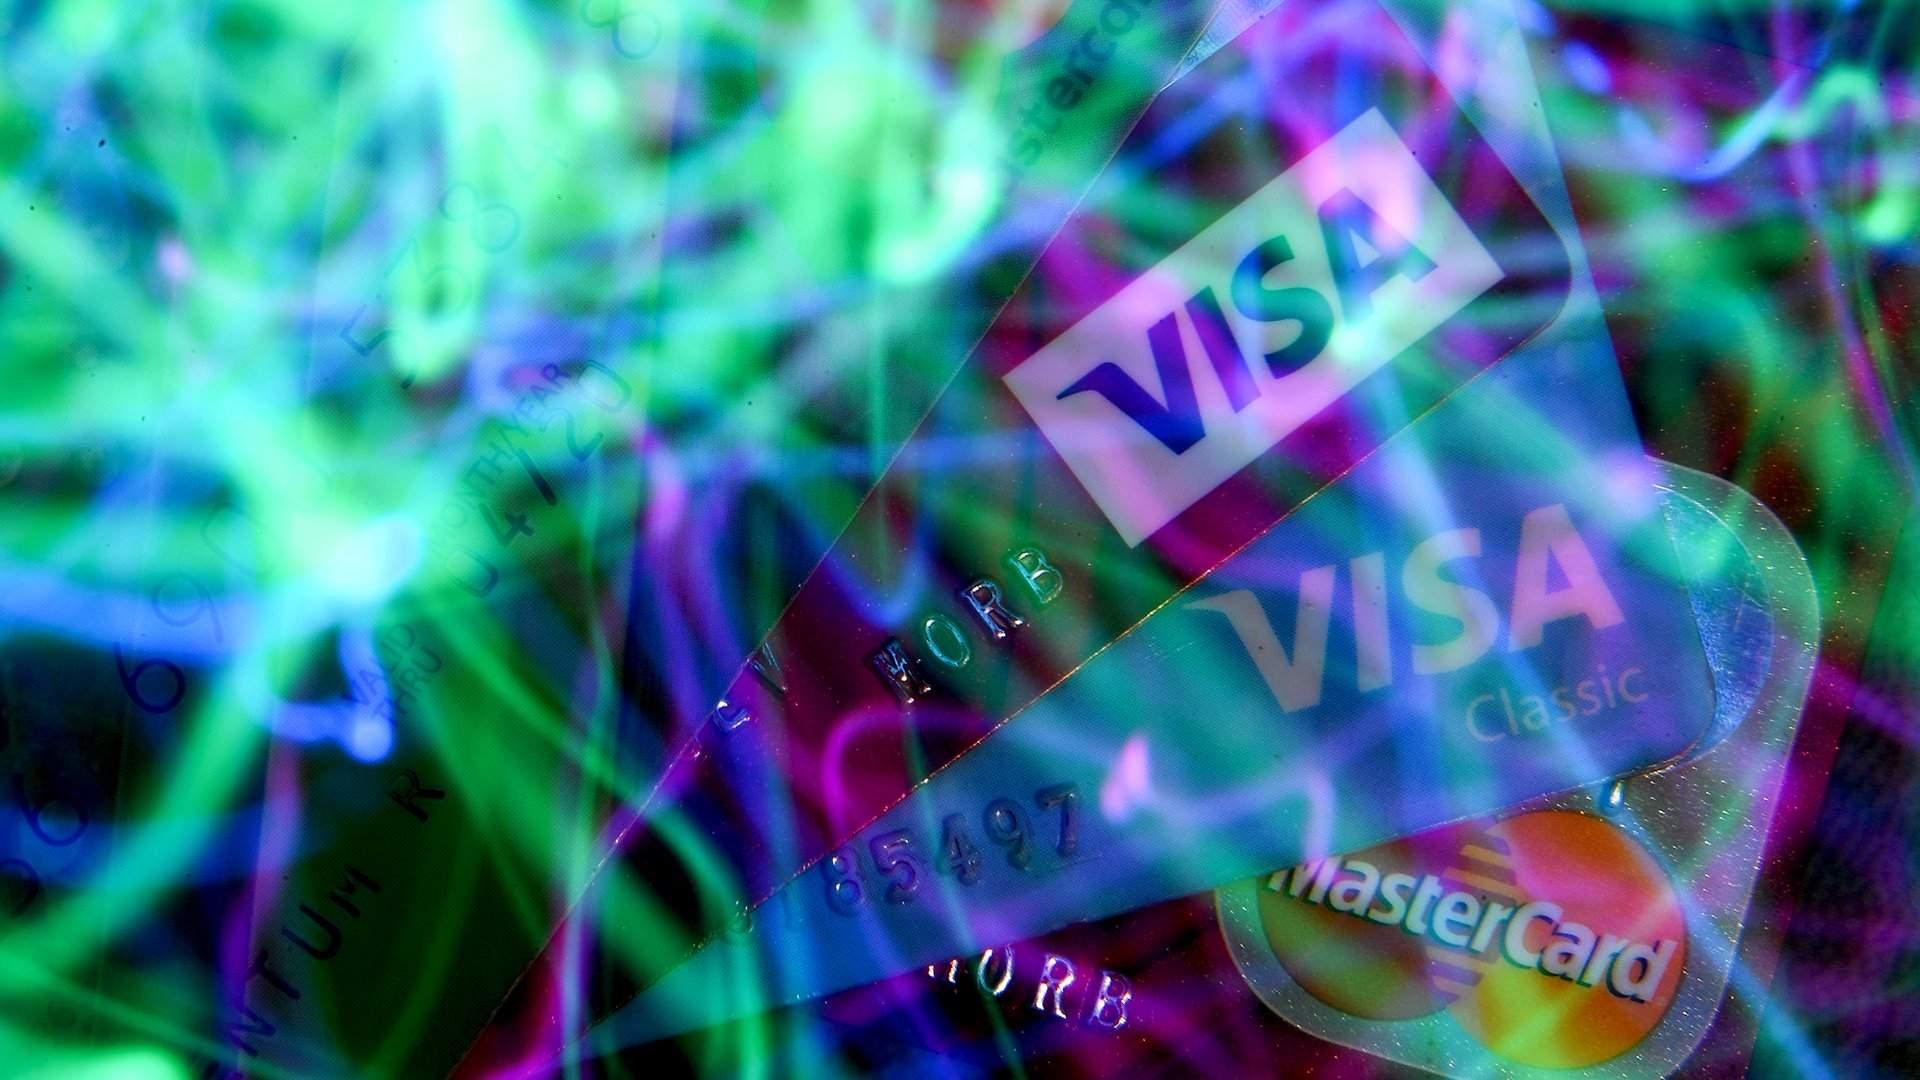 как вывести деньги с карты сбербанка без смс подтверждения